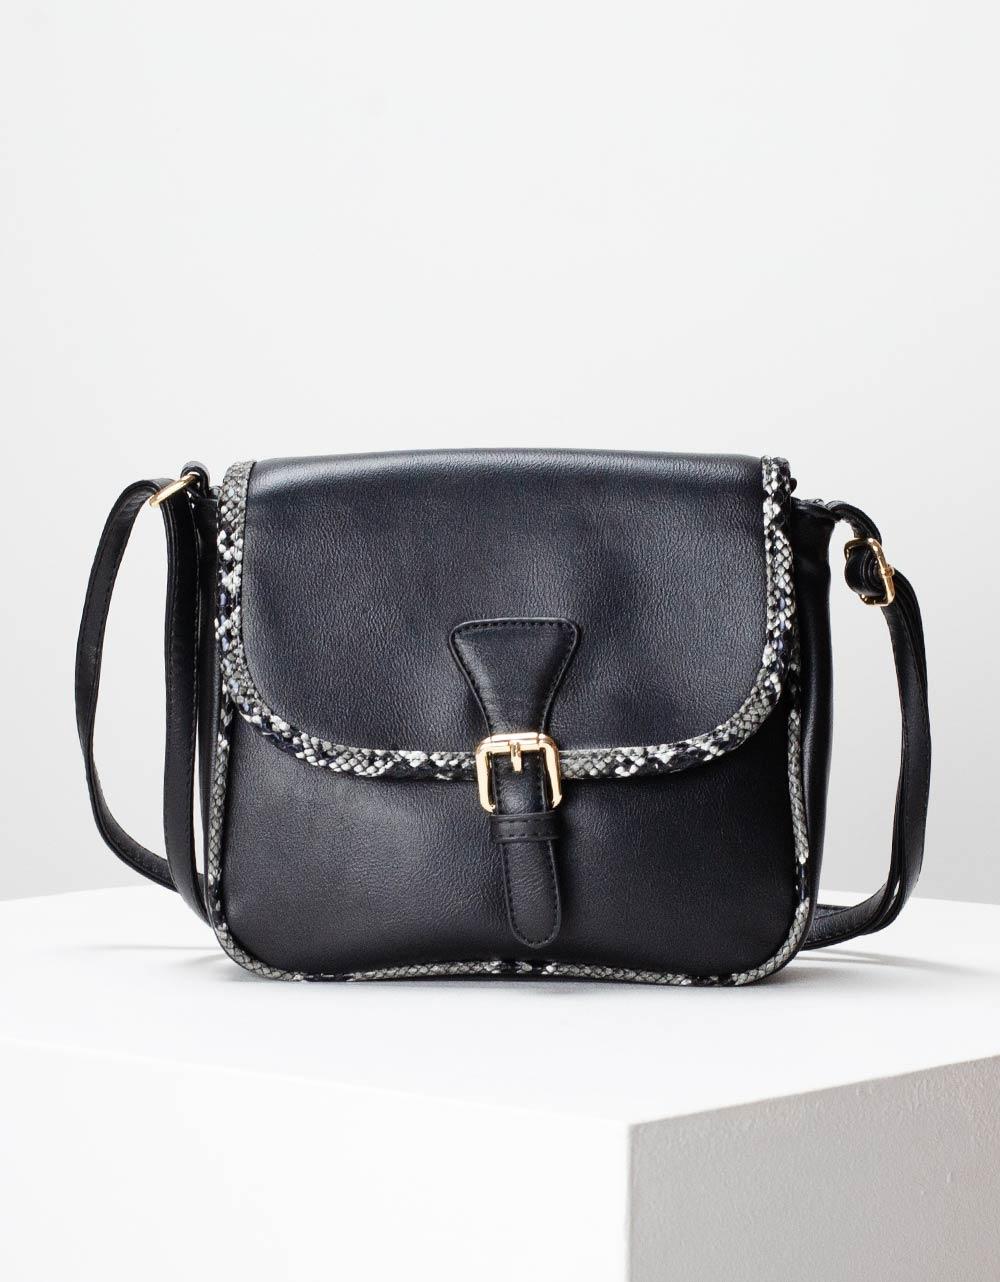 Εικόνα από Γυναικεία τσάντα ώμου με λεπτομέρειες κροκό Μαύρο